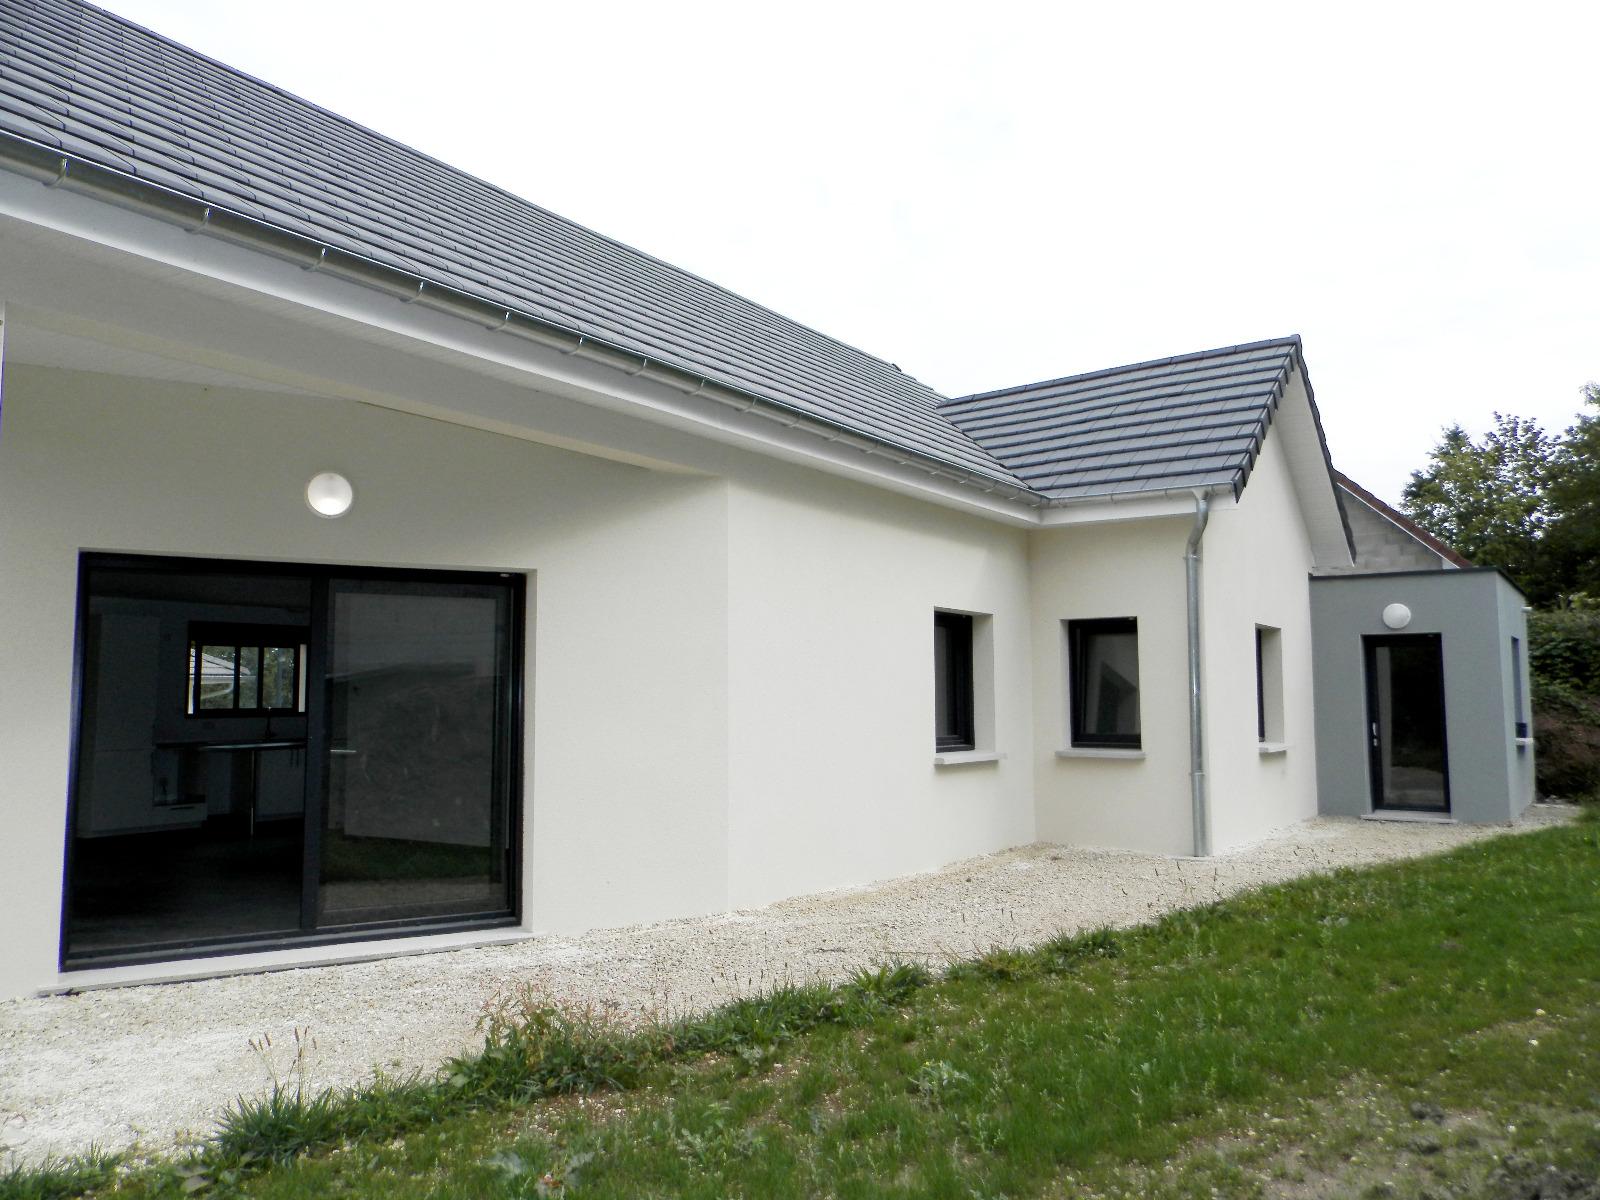 Vente lons le saunier 39 maison plain pied 2016 de 113 m sur terrain 536 m 3d immobilier - Garage thevenod lons le saunier ...